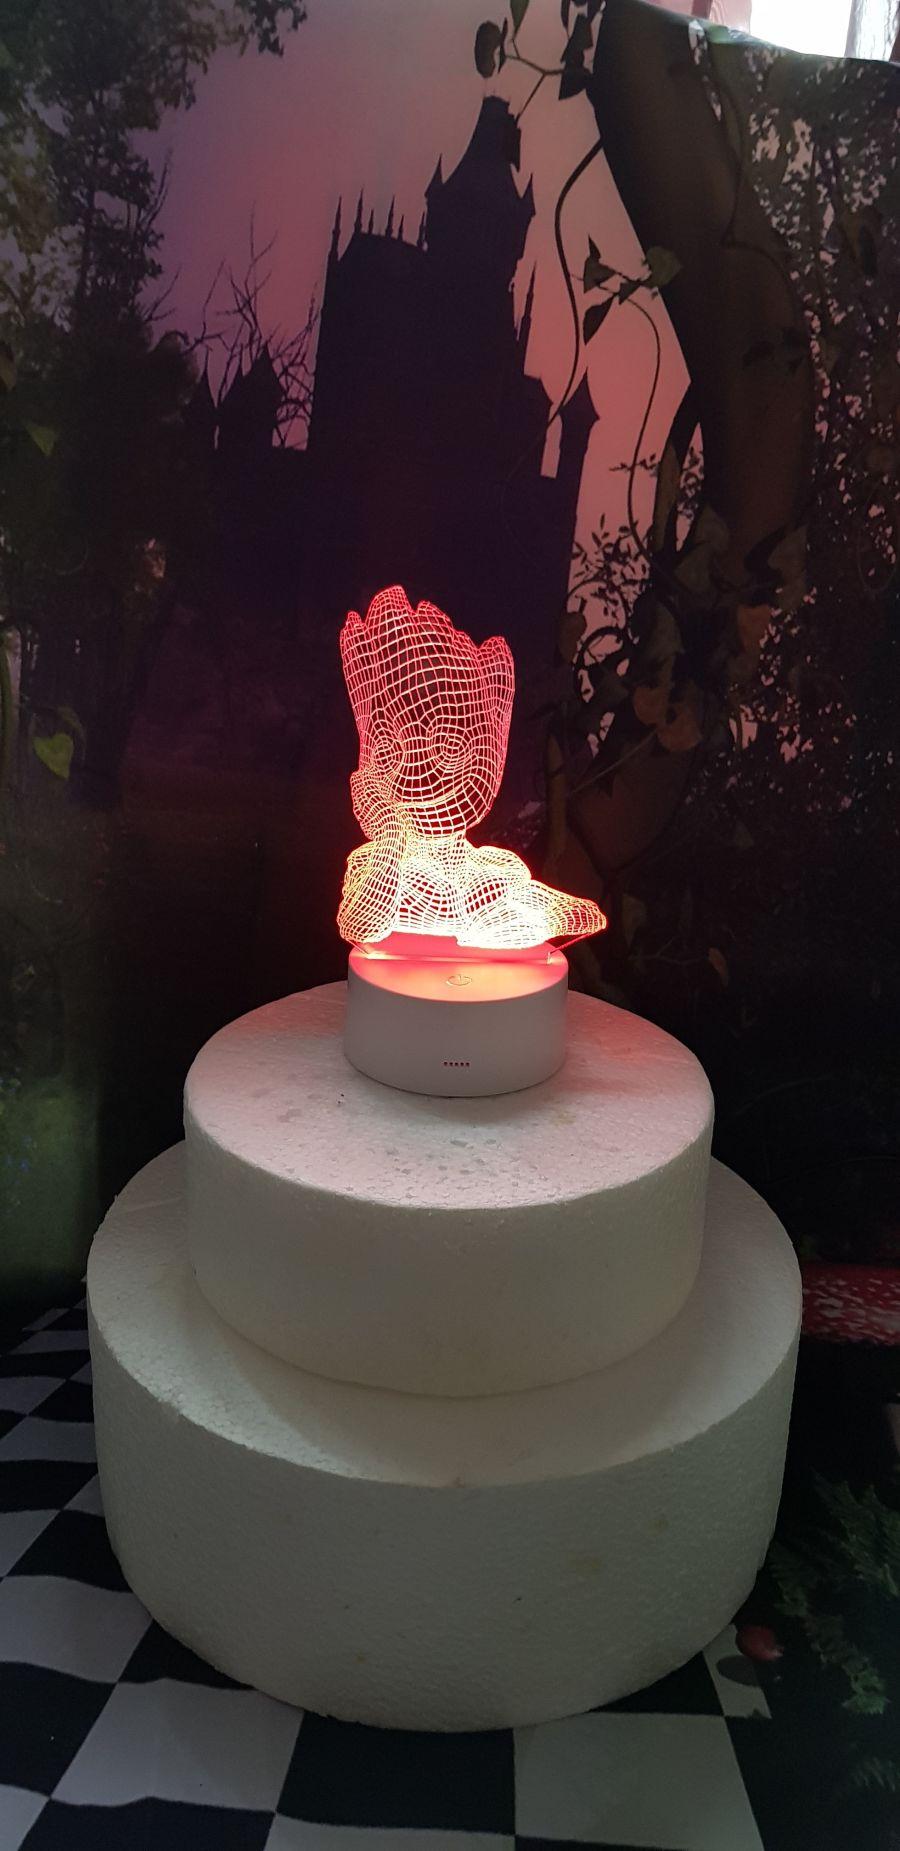 groot light up cake topper night light